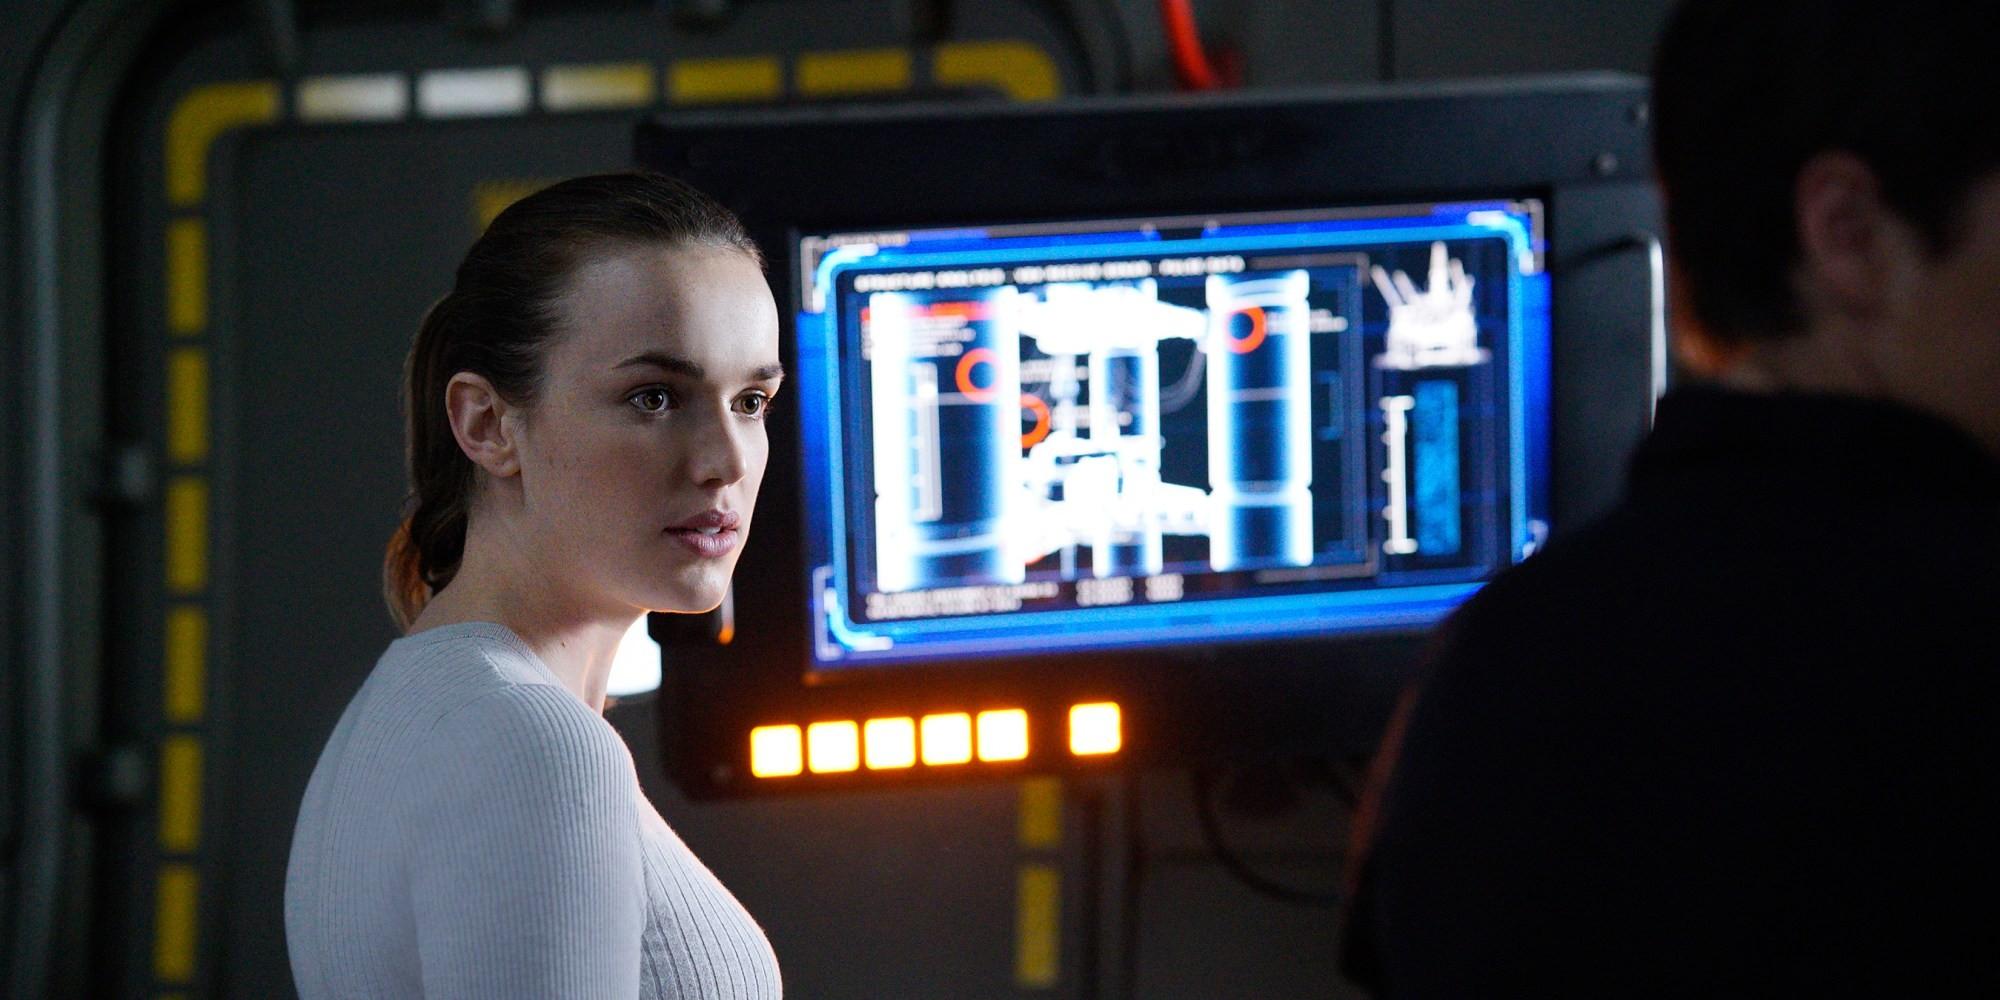 Elizabeth Henstirdge as Jemma Simmons in Agents of Shield